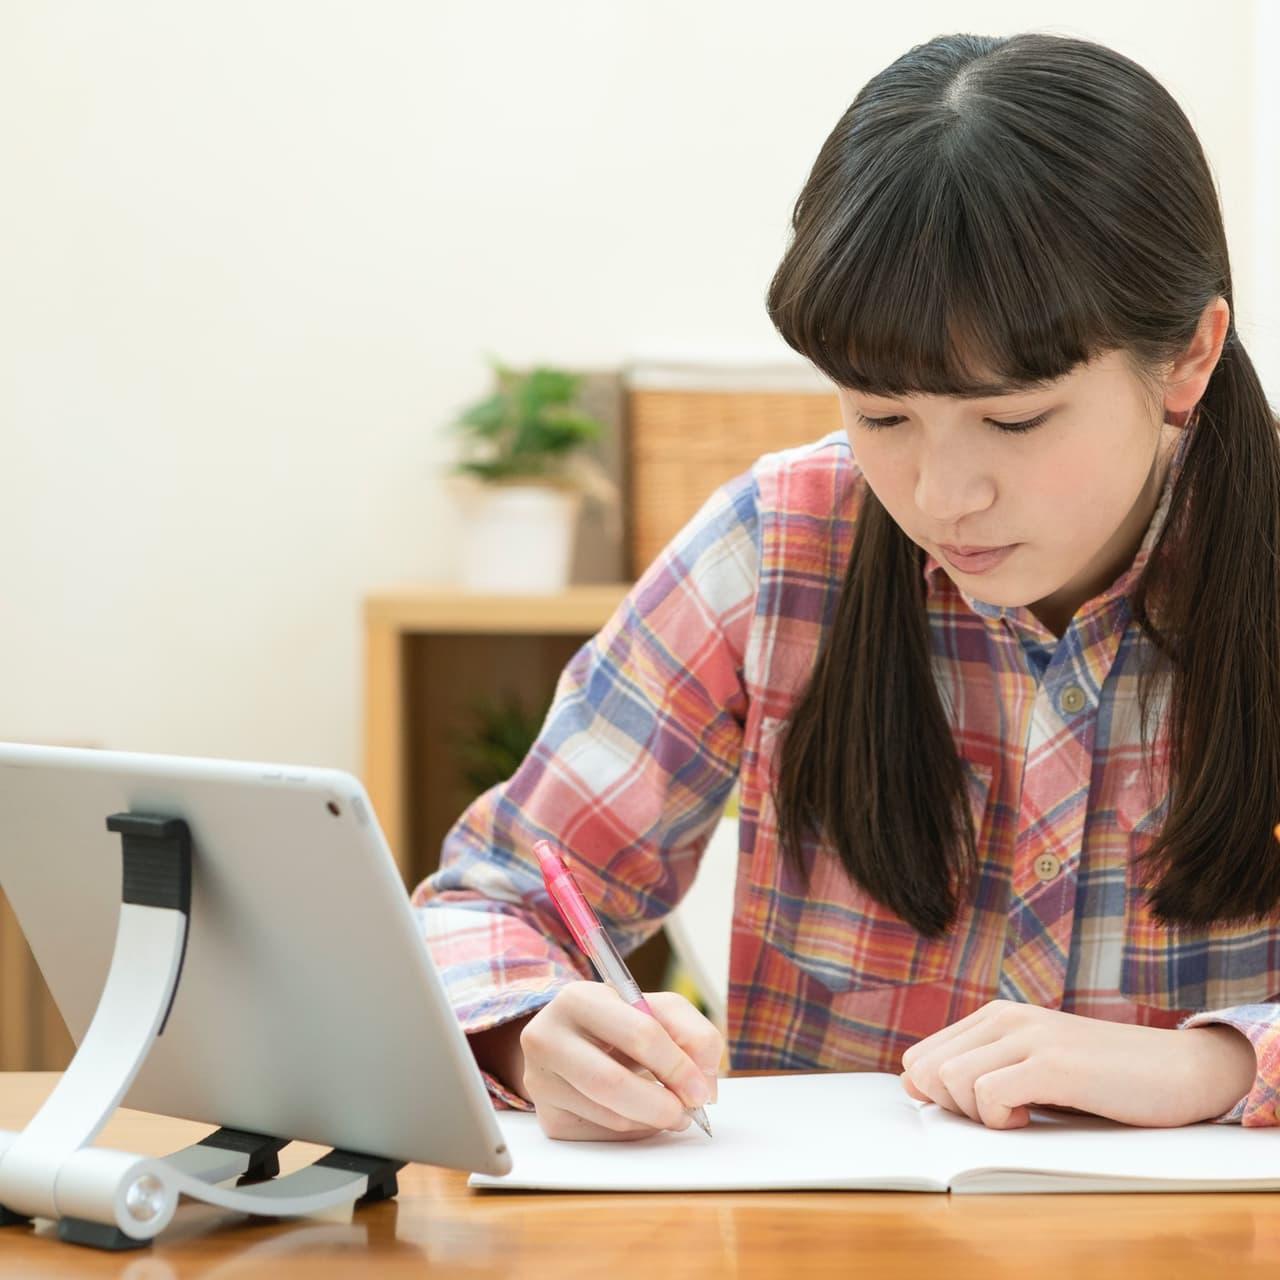 【1人1台端末の活用】文科省から教員に与えられた夏休みの宿題